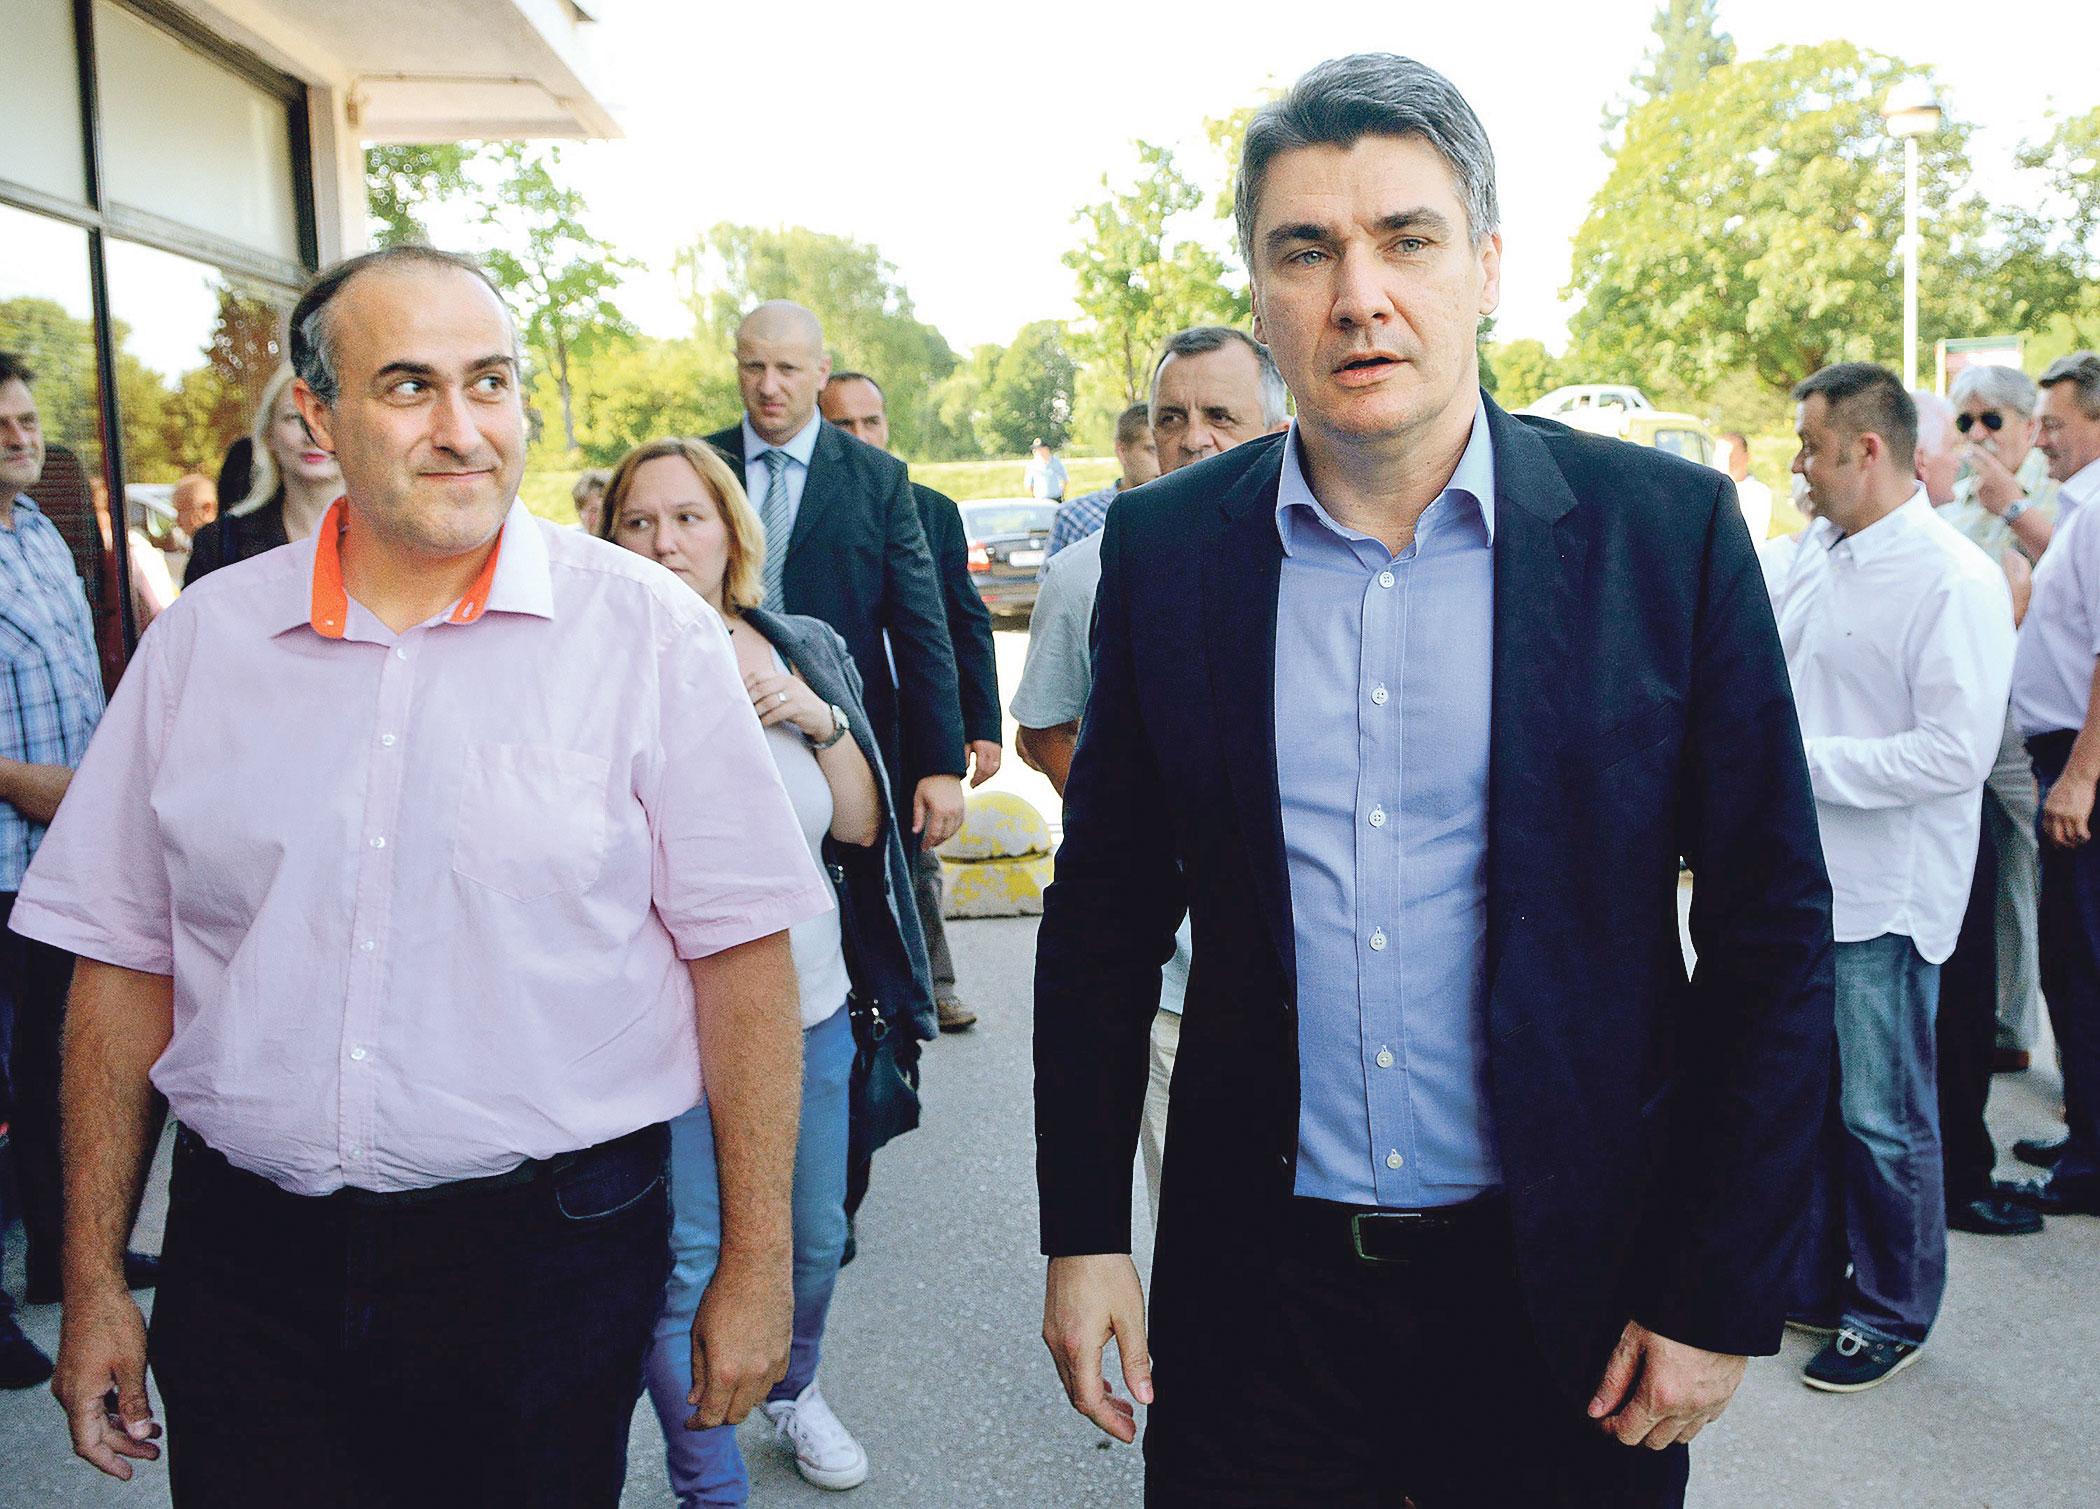 Žarko Latković (lijevo) u društvu sa Zoranom Milanovićem (desno)